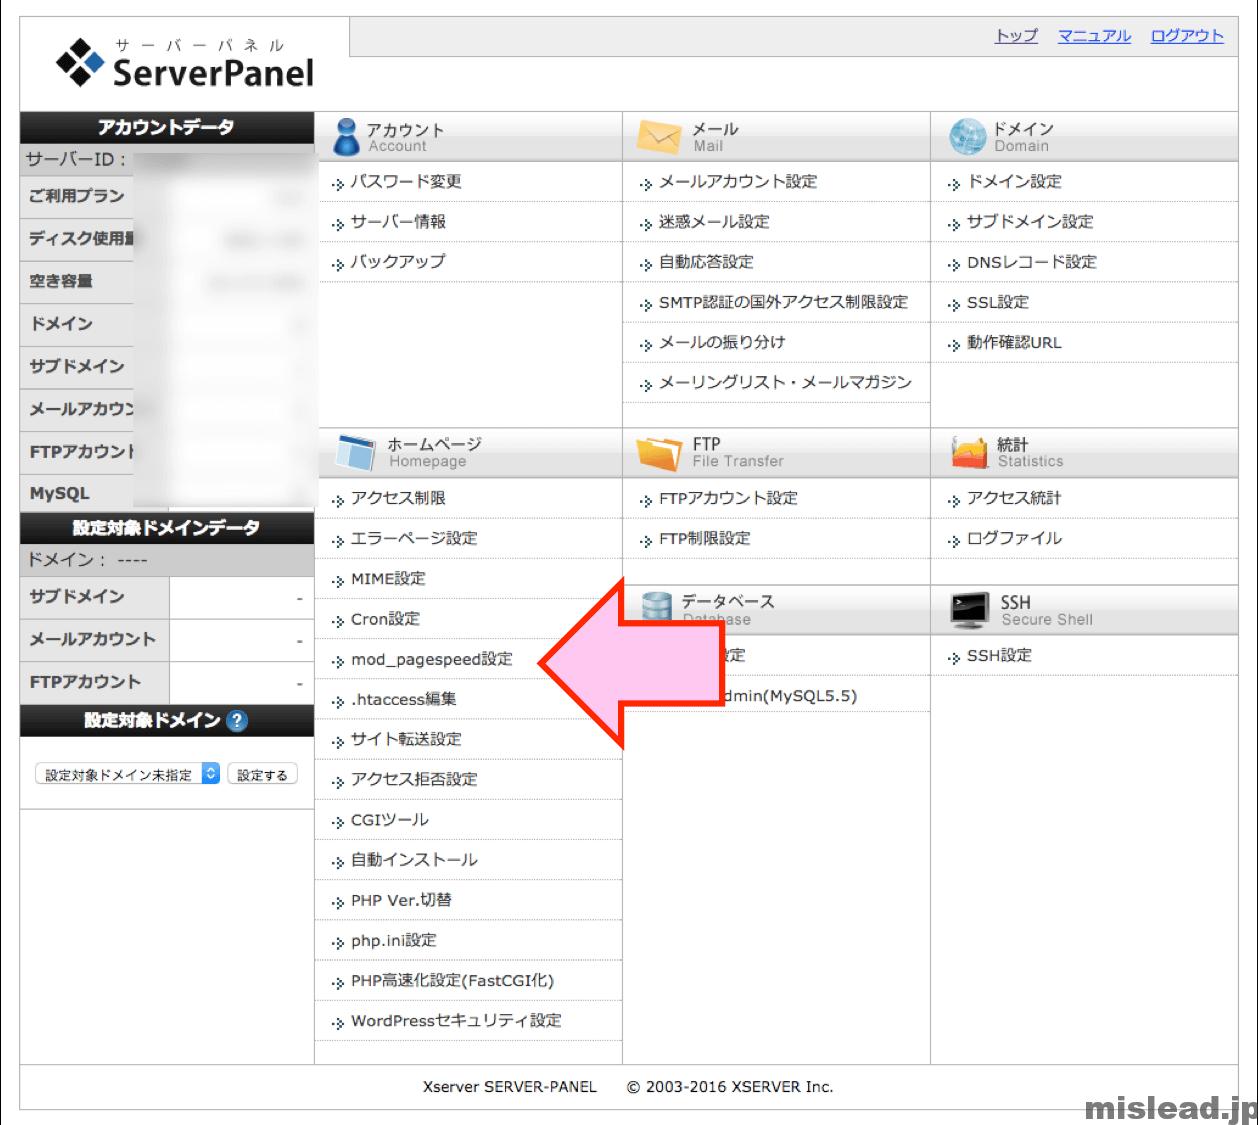 Xserverコントロールパネル